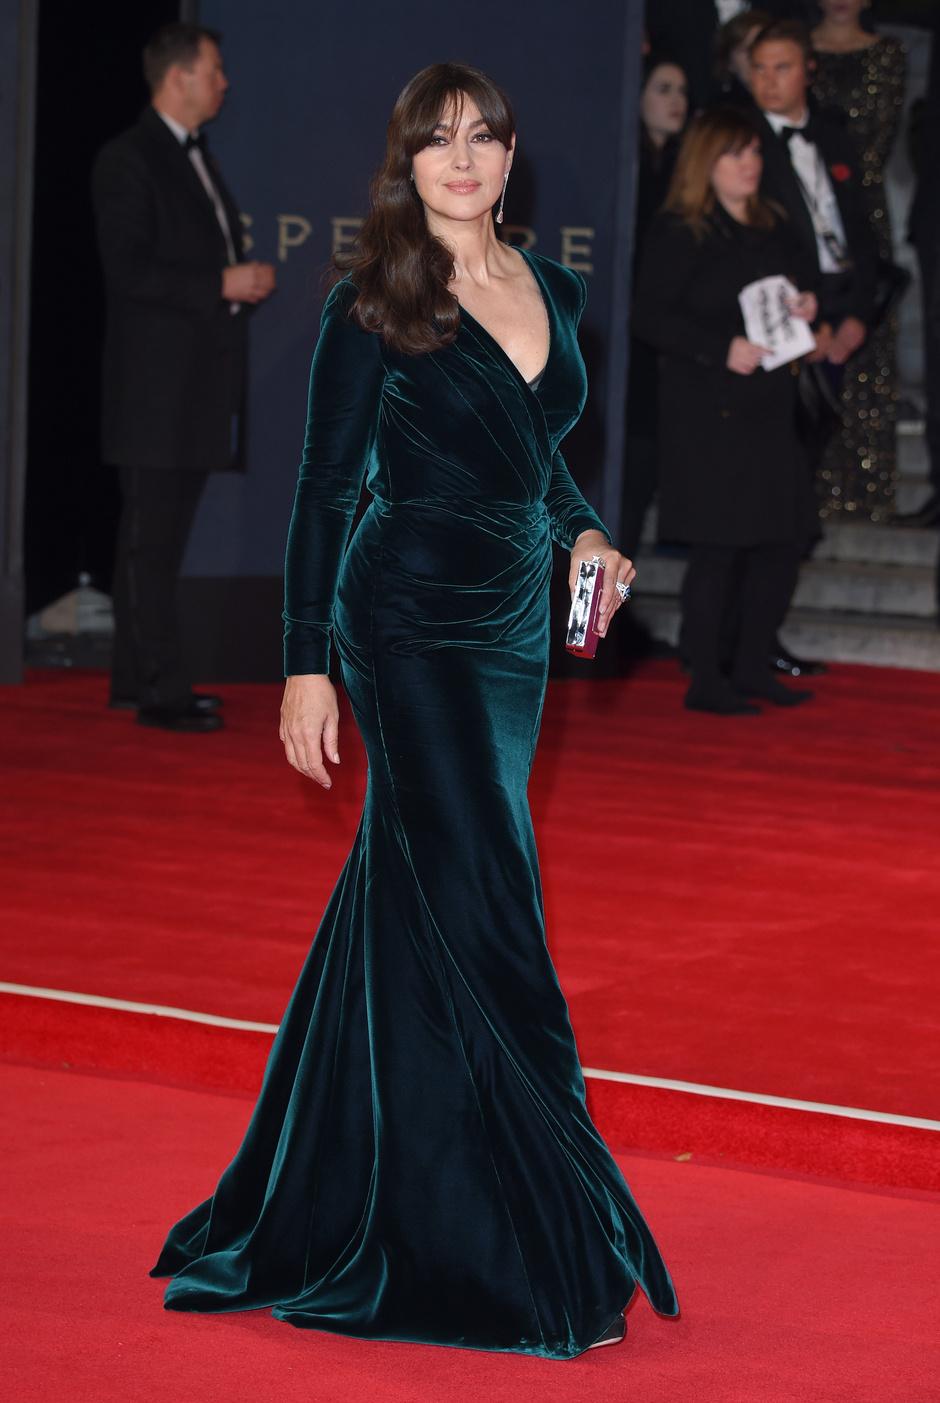 Моника Беллуччи в Ralph & Russo Couture на лондонской премьере «007: Спектр»